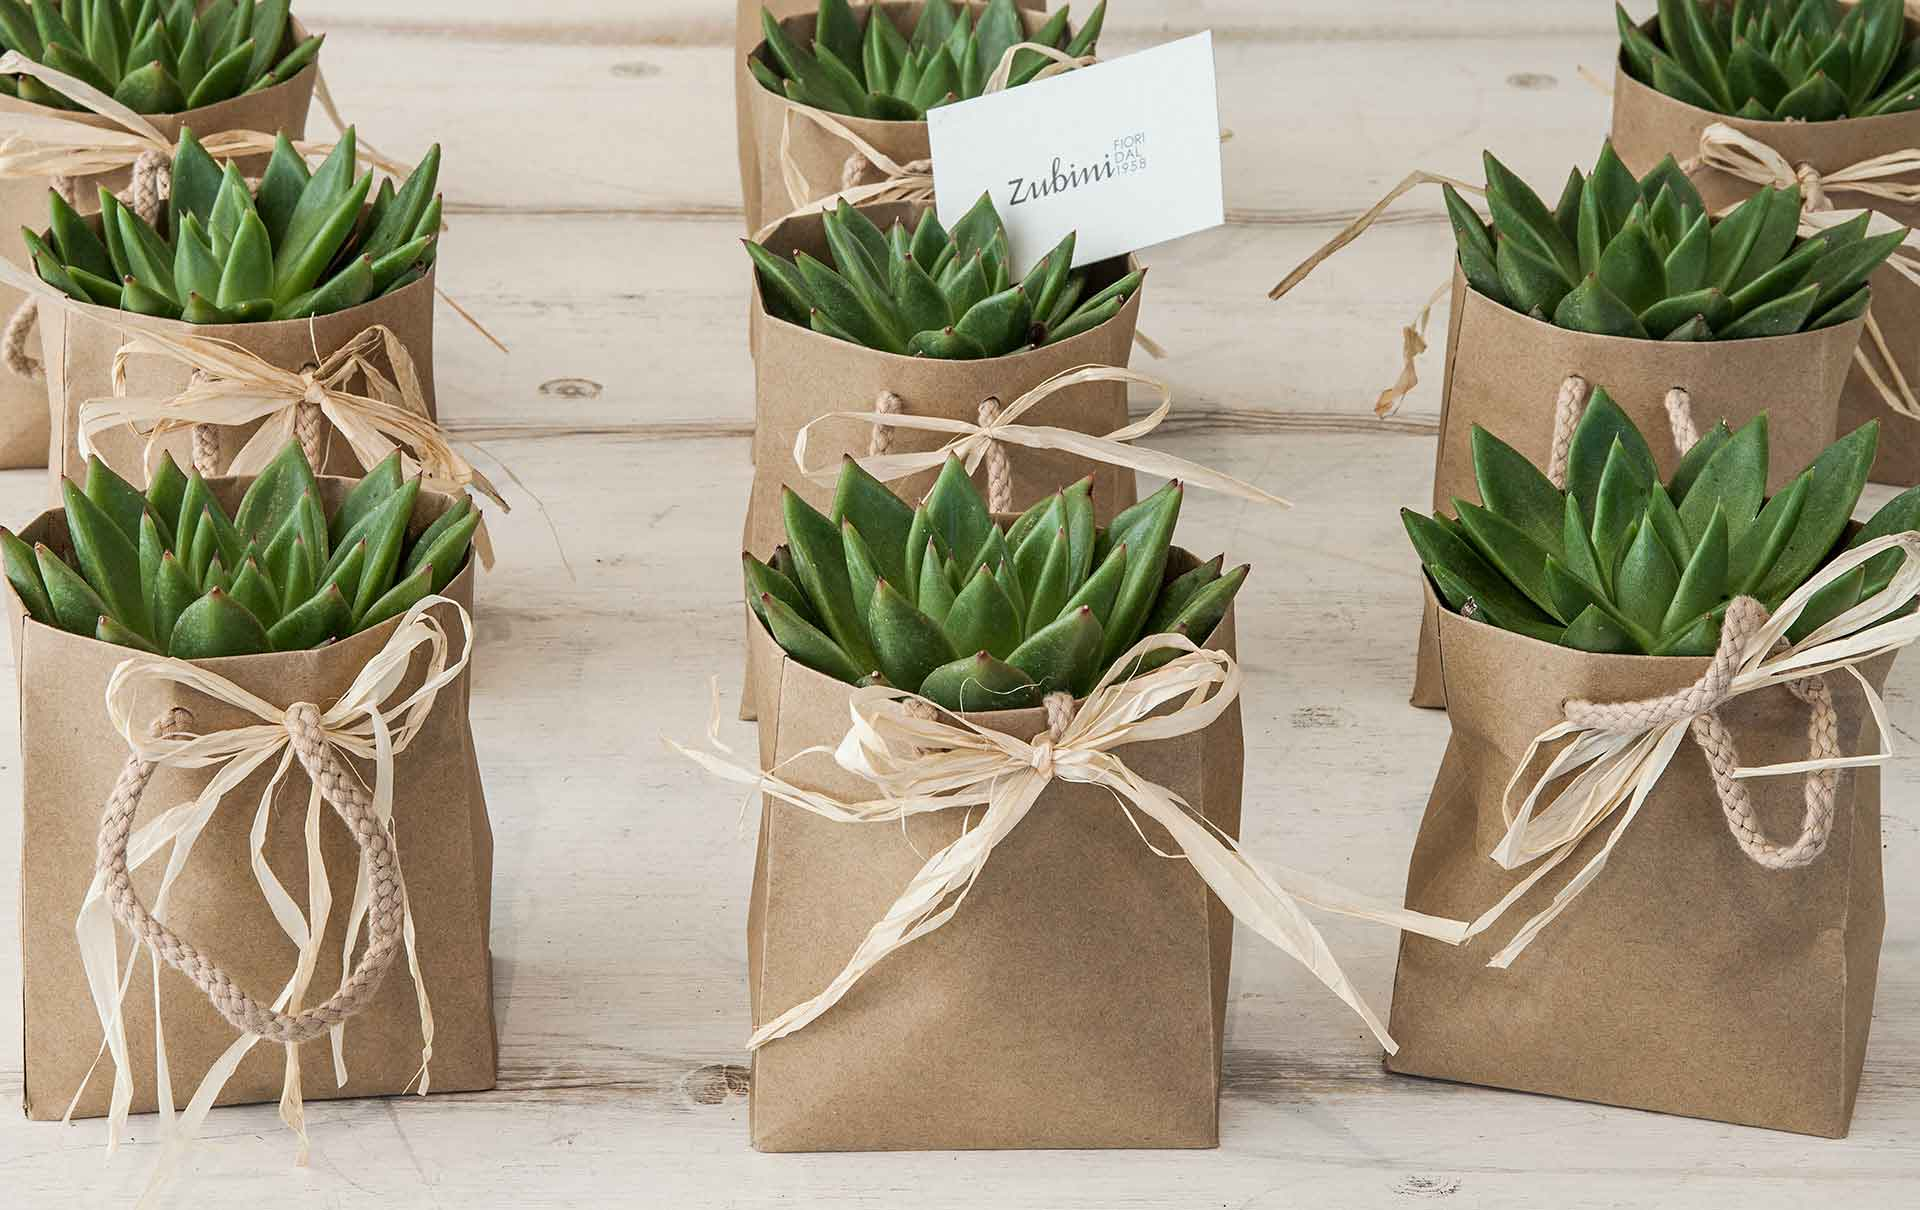 Piante grasse zubini for Vasi piante grasse